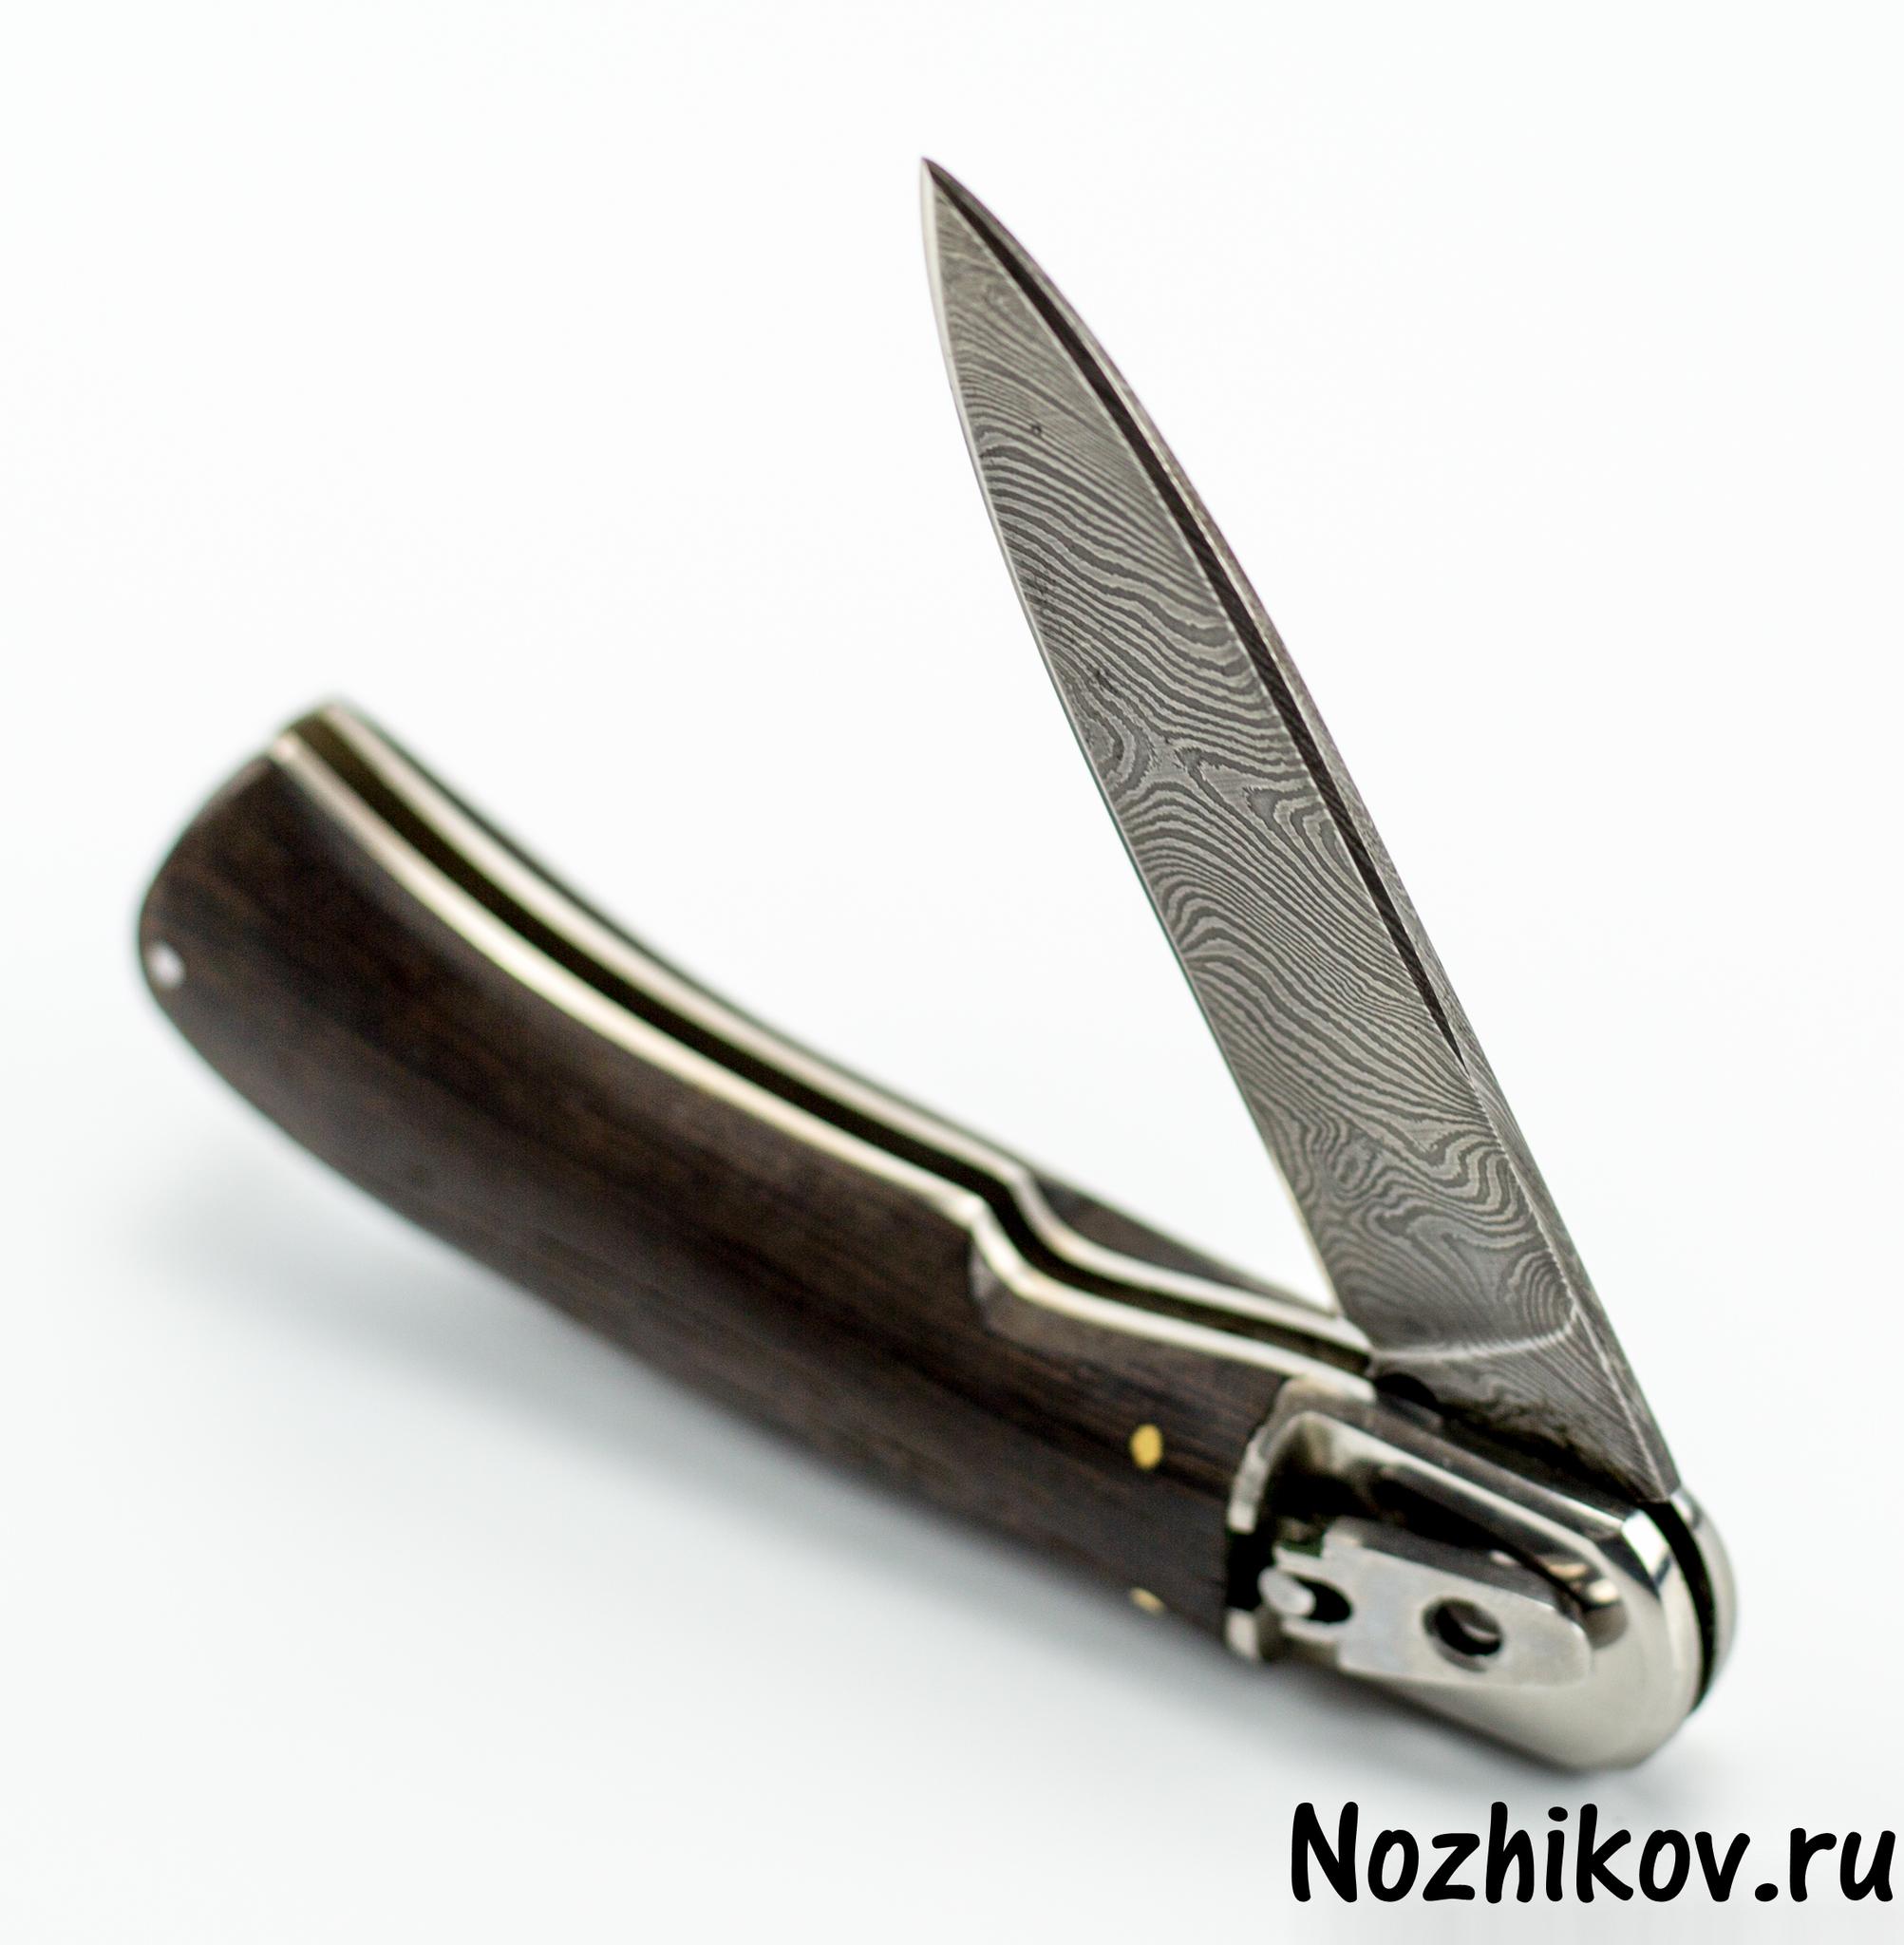 Выкидной нож Сталкер, дамаскНожи Ворсма<br>Автоматический нож с боковым выбросом клинка.<br>Клинок копьевидной формы с односторонней заточкой.<br>Накладки рукояти из эбенового дерева.<br>